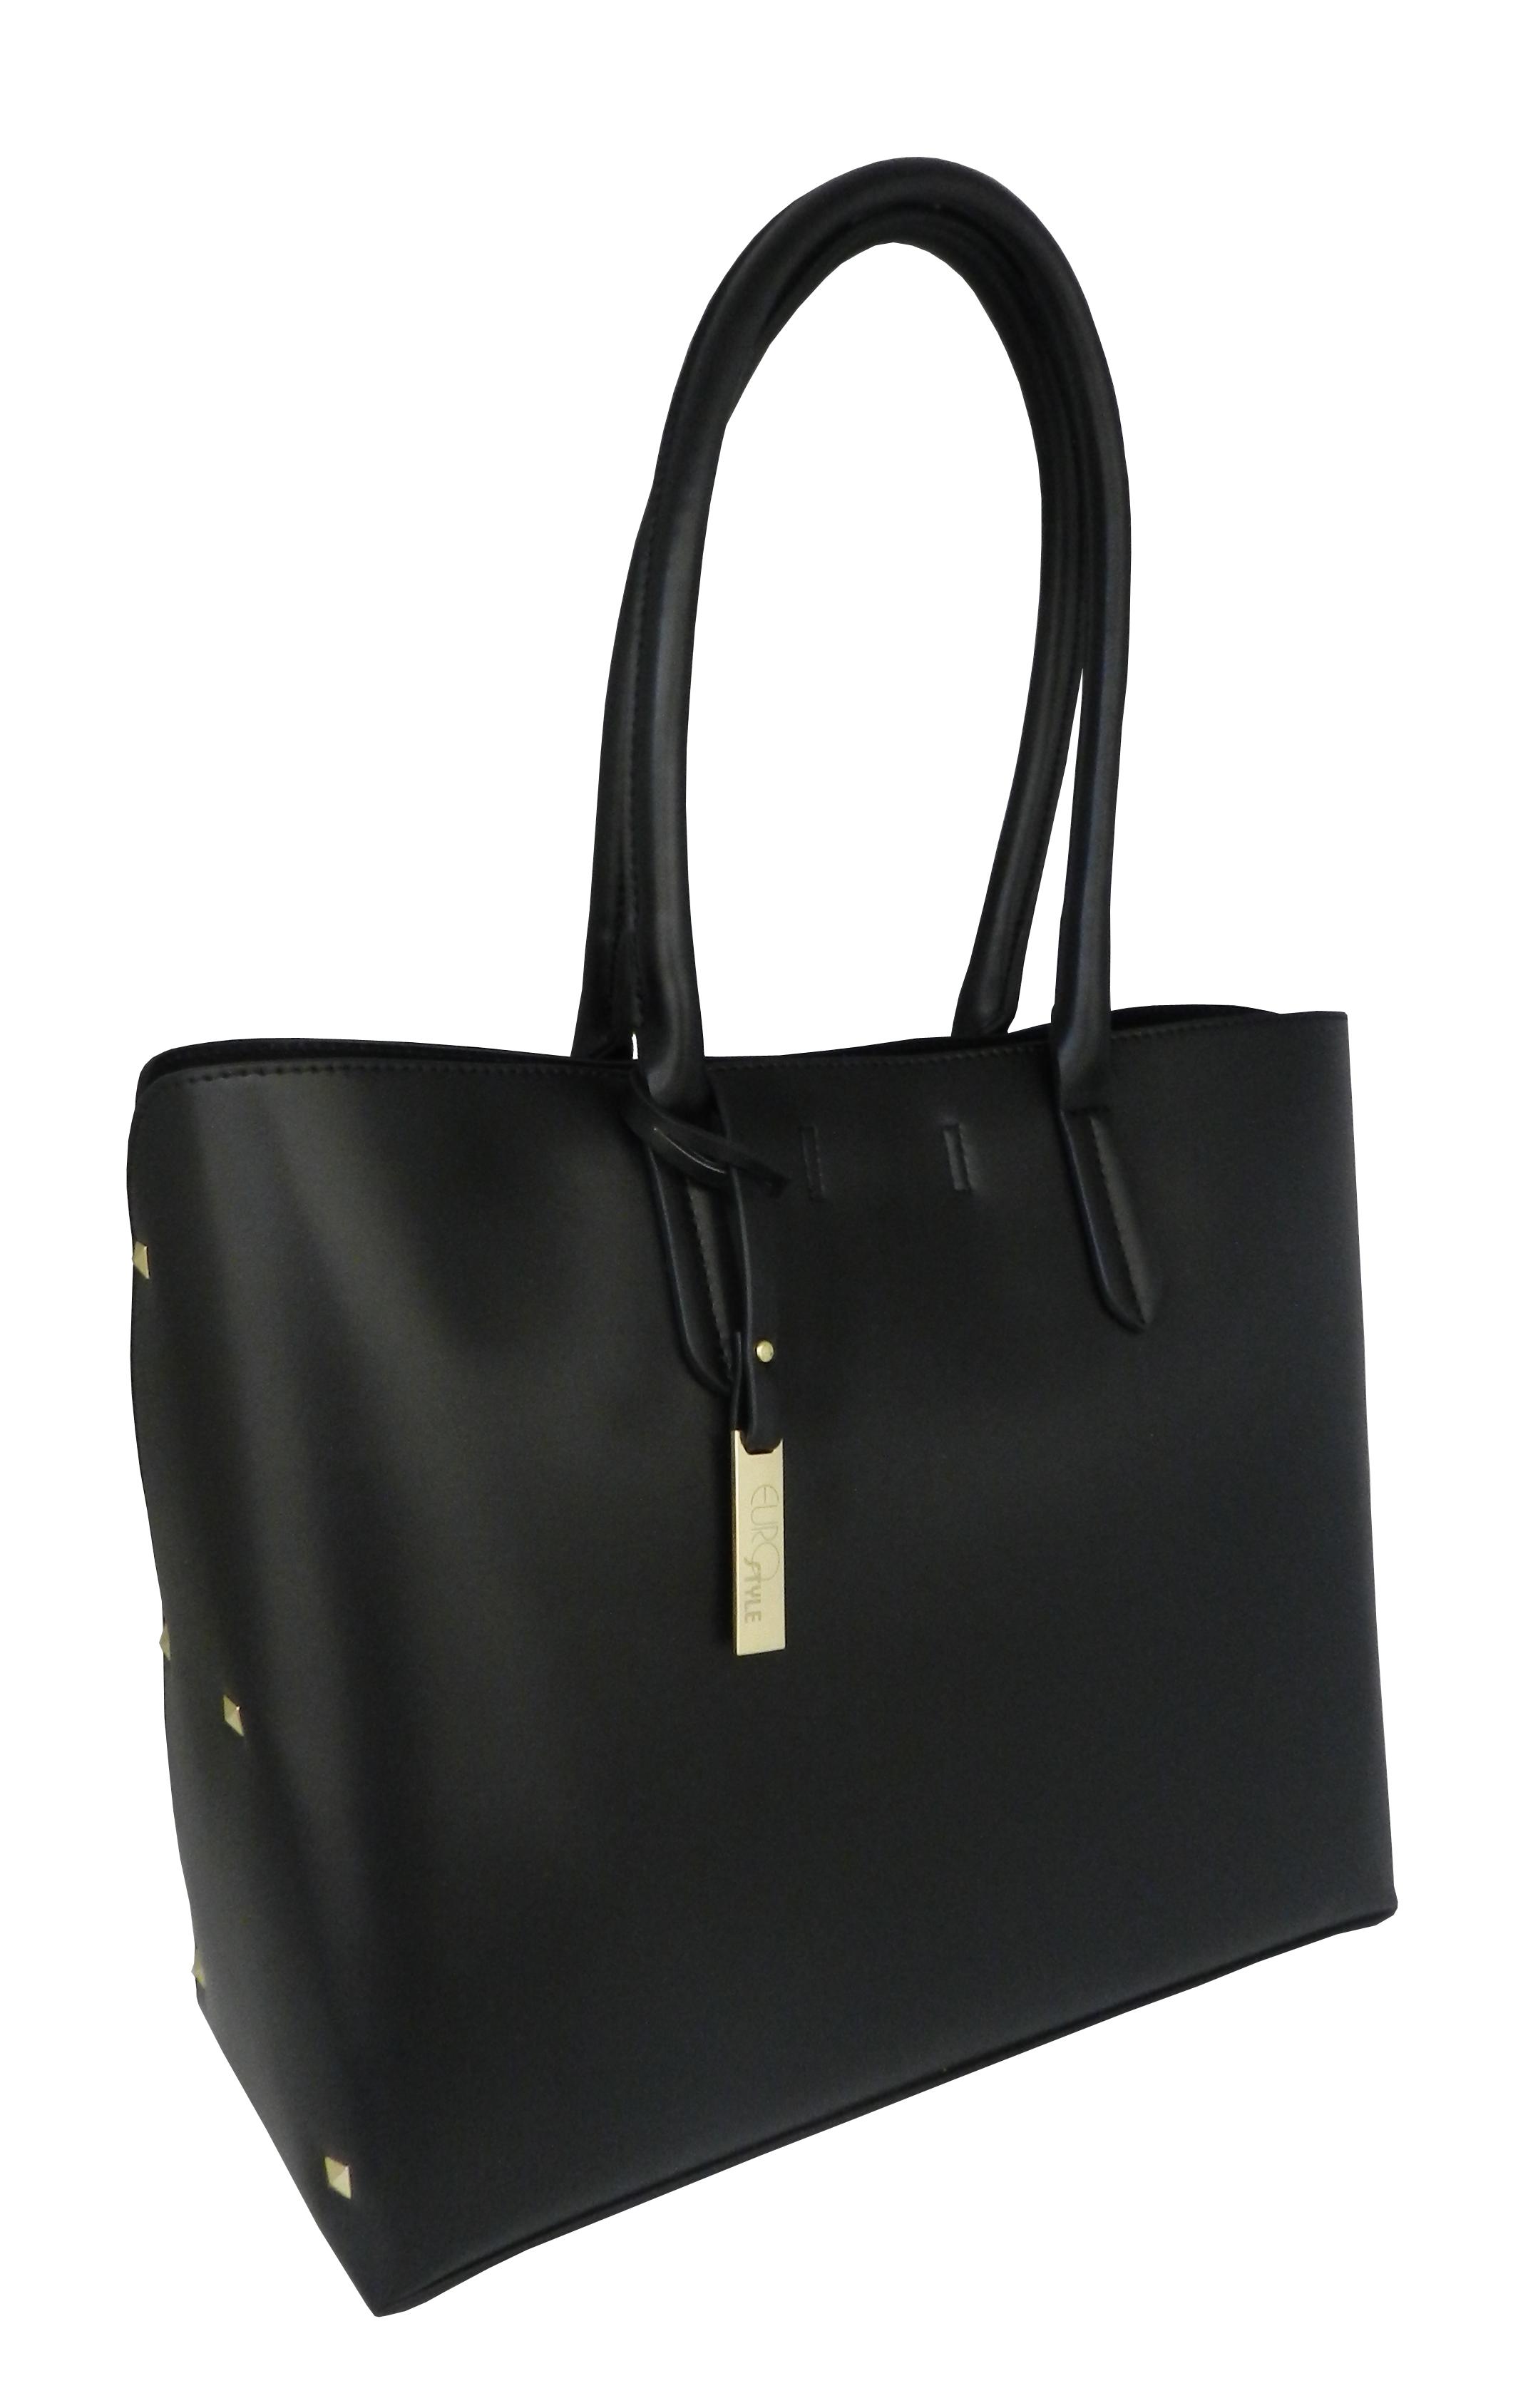 Handtasche EuroStyle iS2IzMeFg